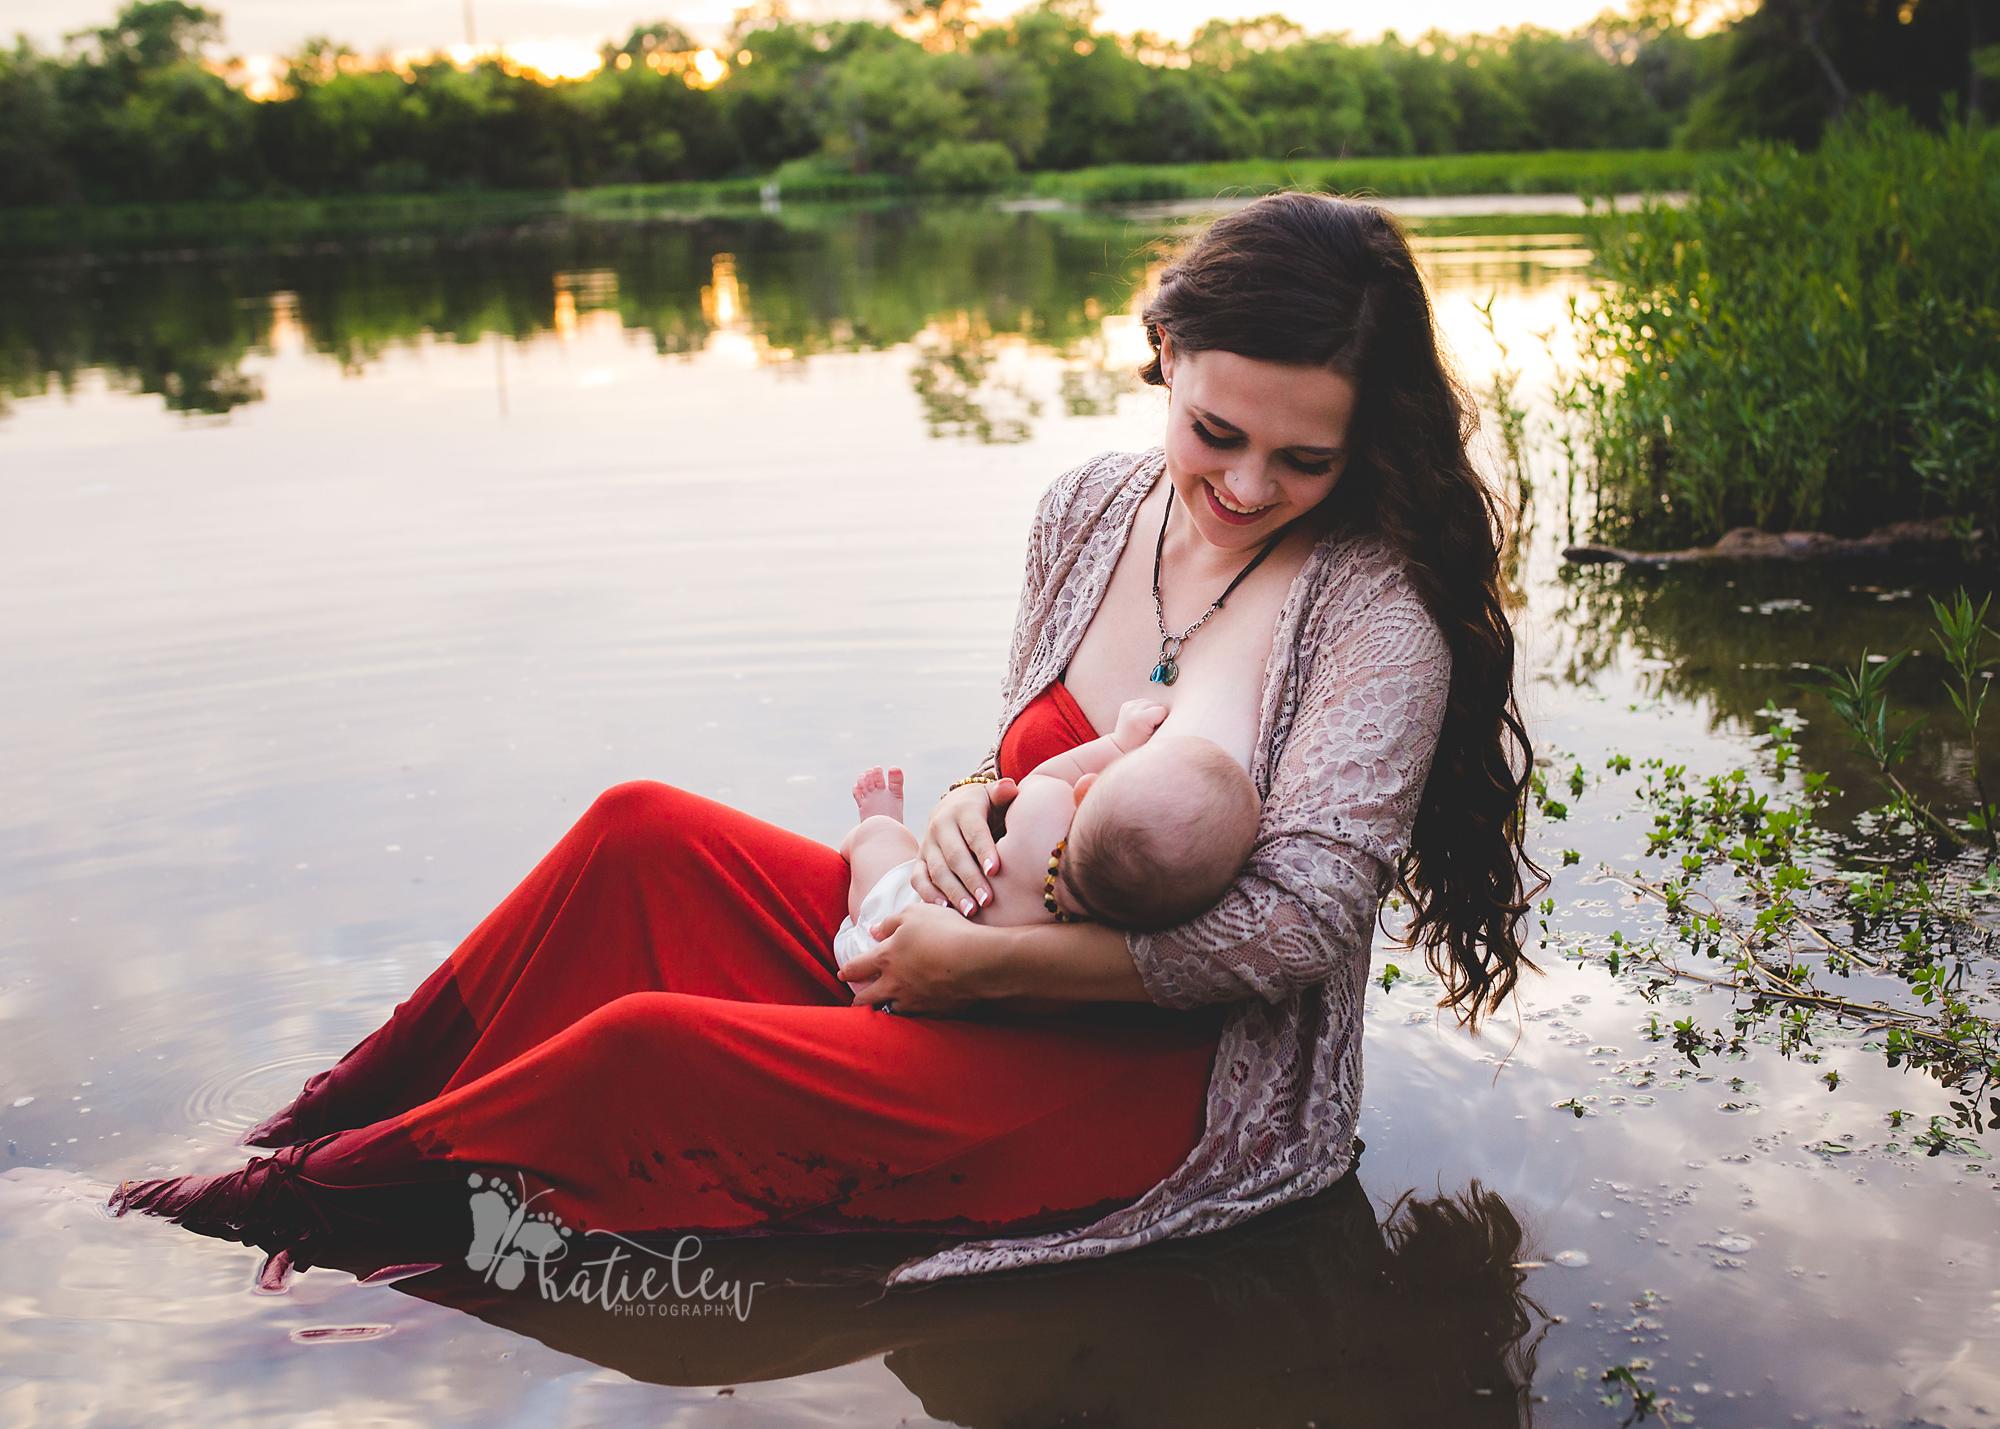 breastfeeding at the lake